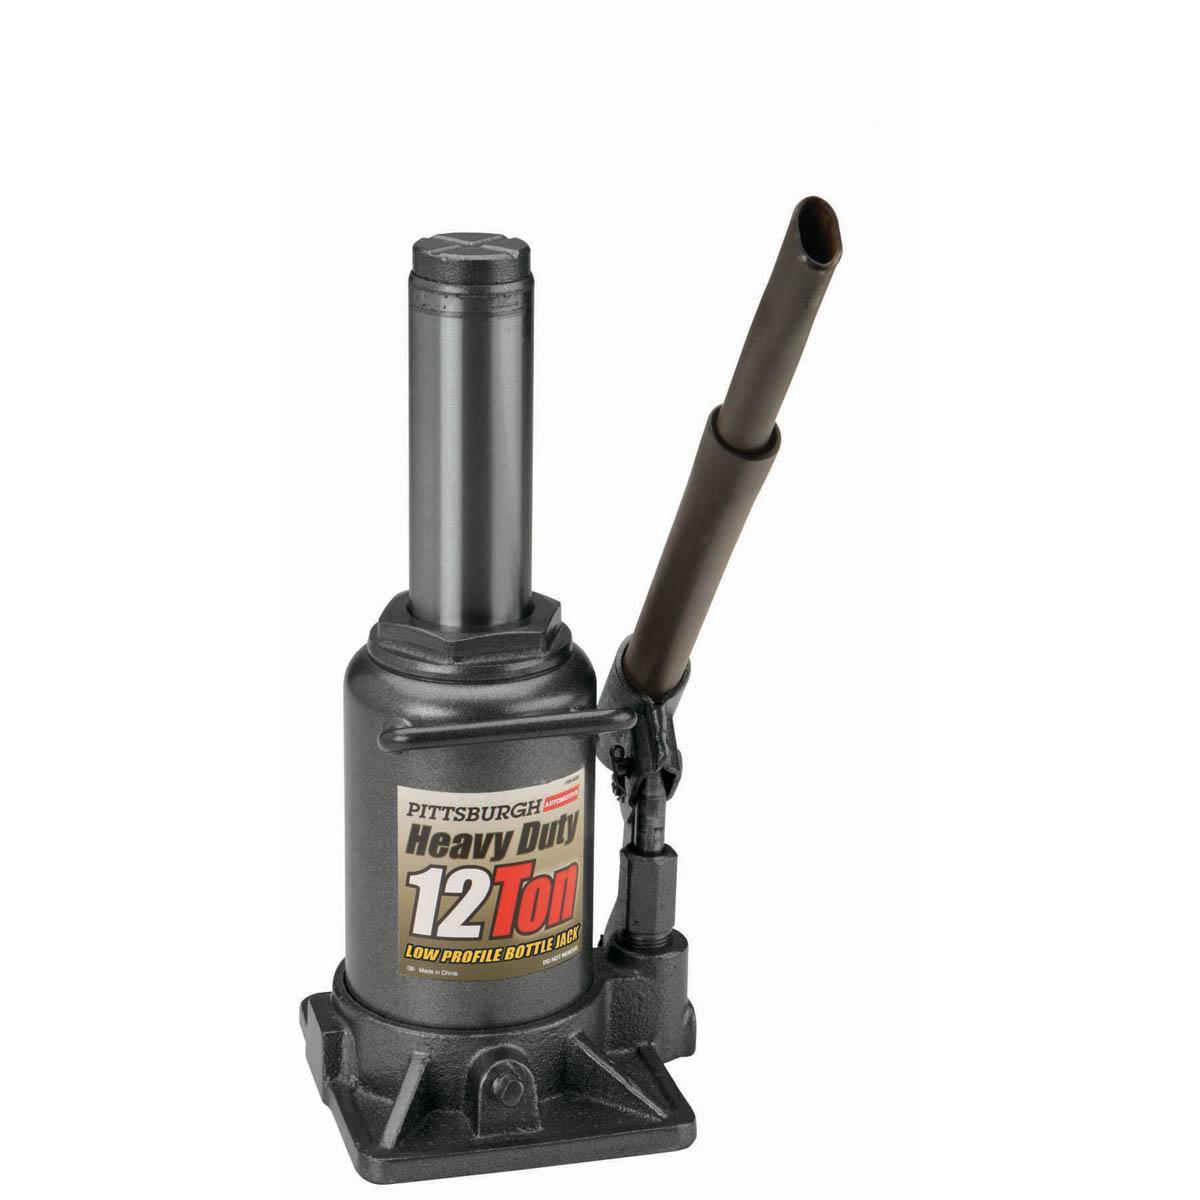 12 Ton Hydraulic Low Profile Heavy Duty Bottle Jack